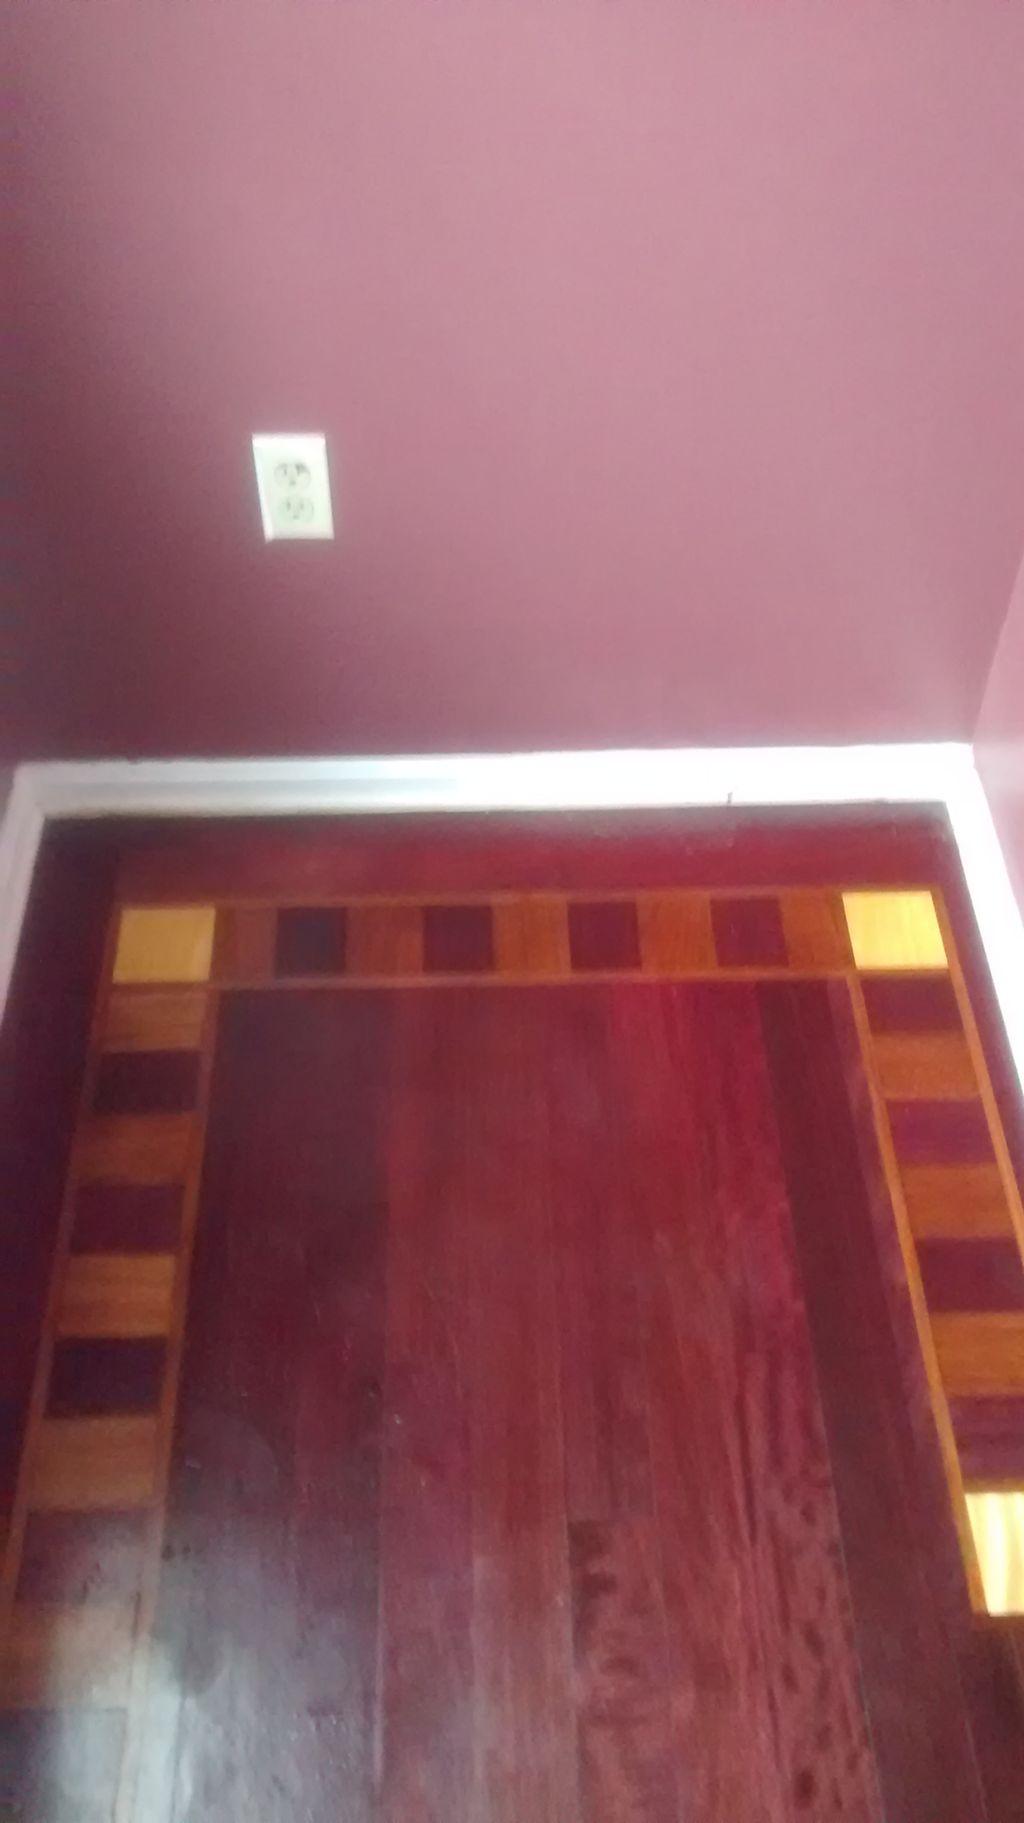 E*Star Hardwood Floors, Co.